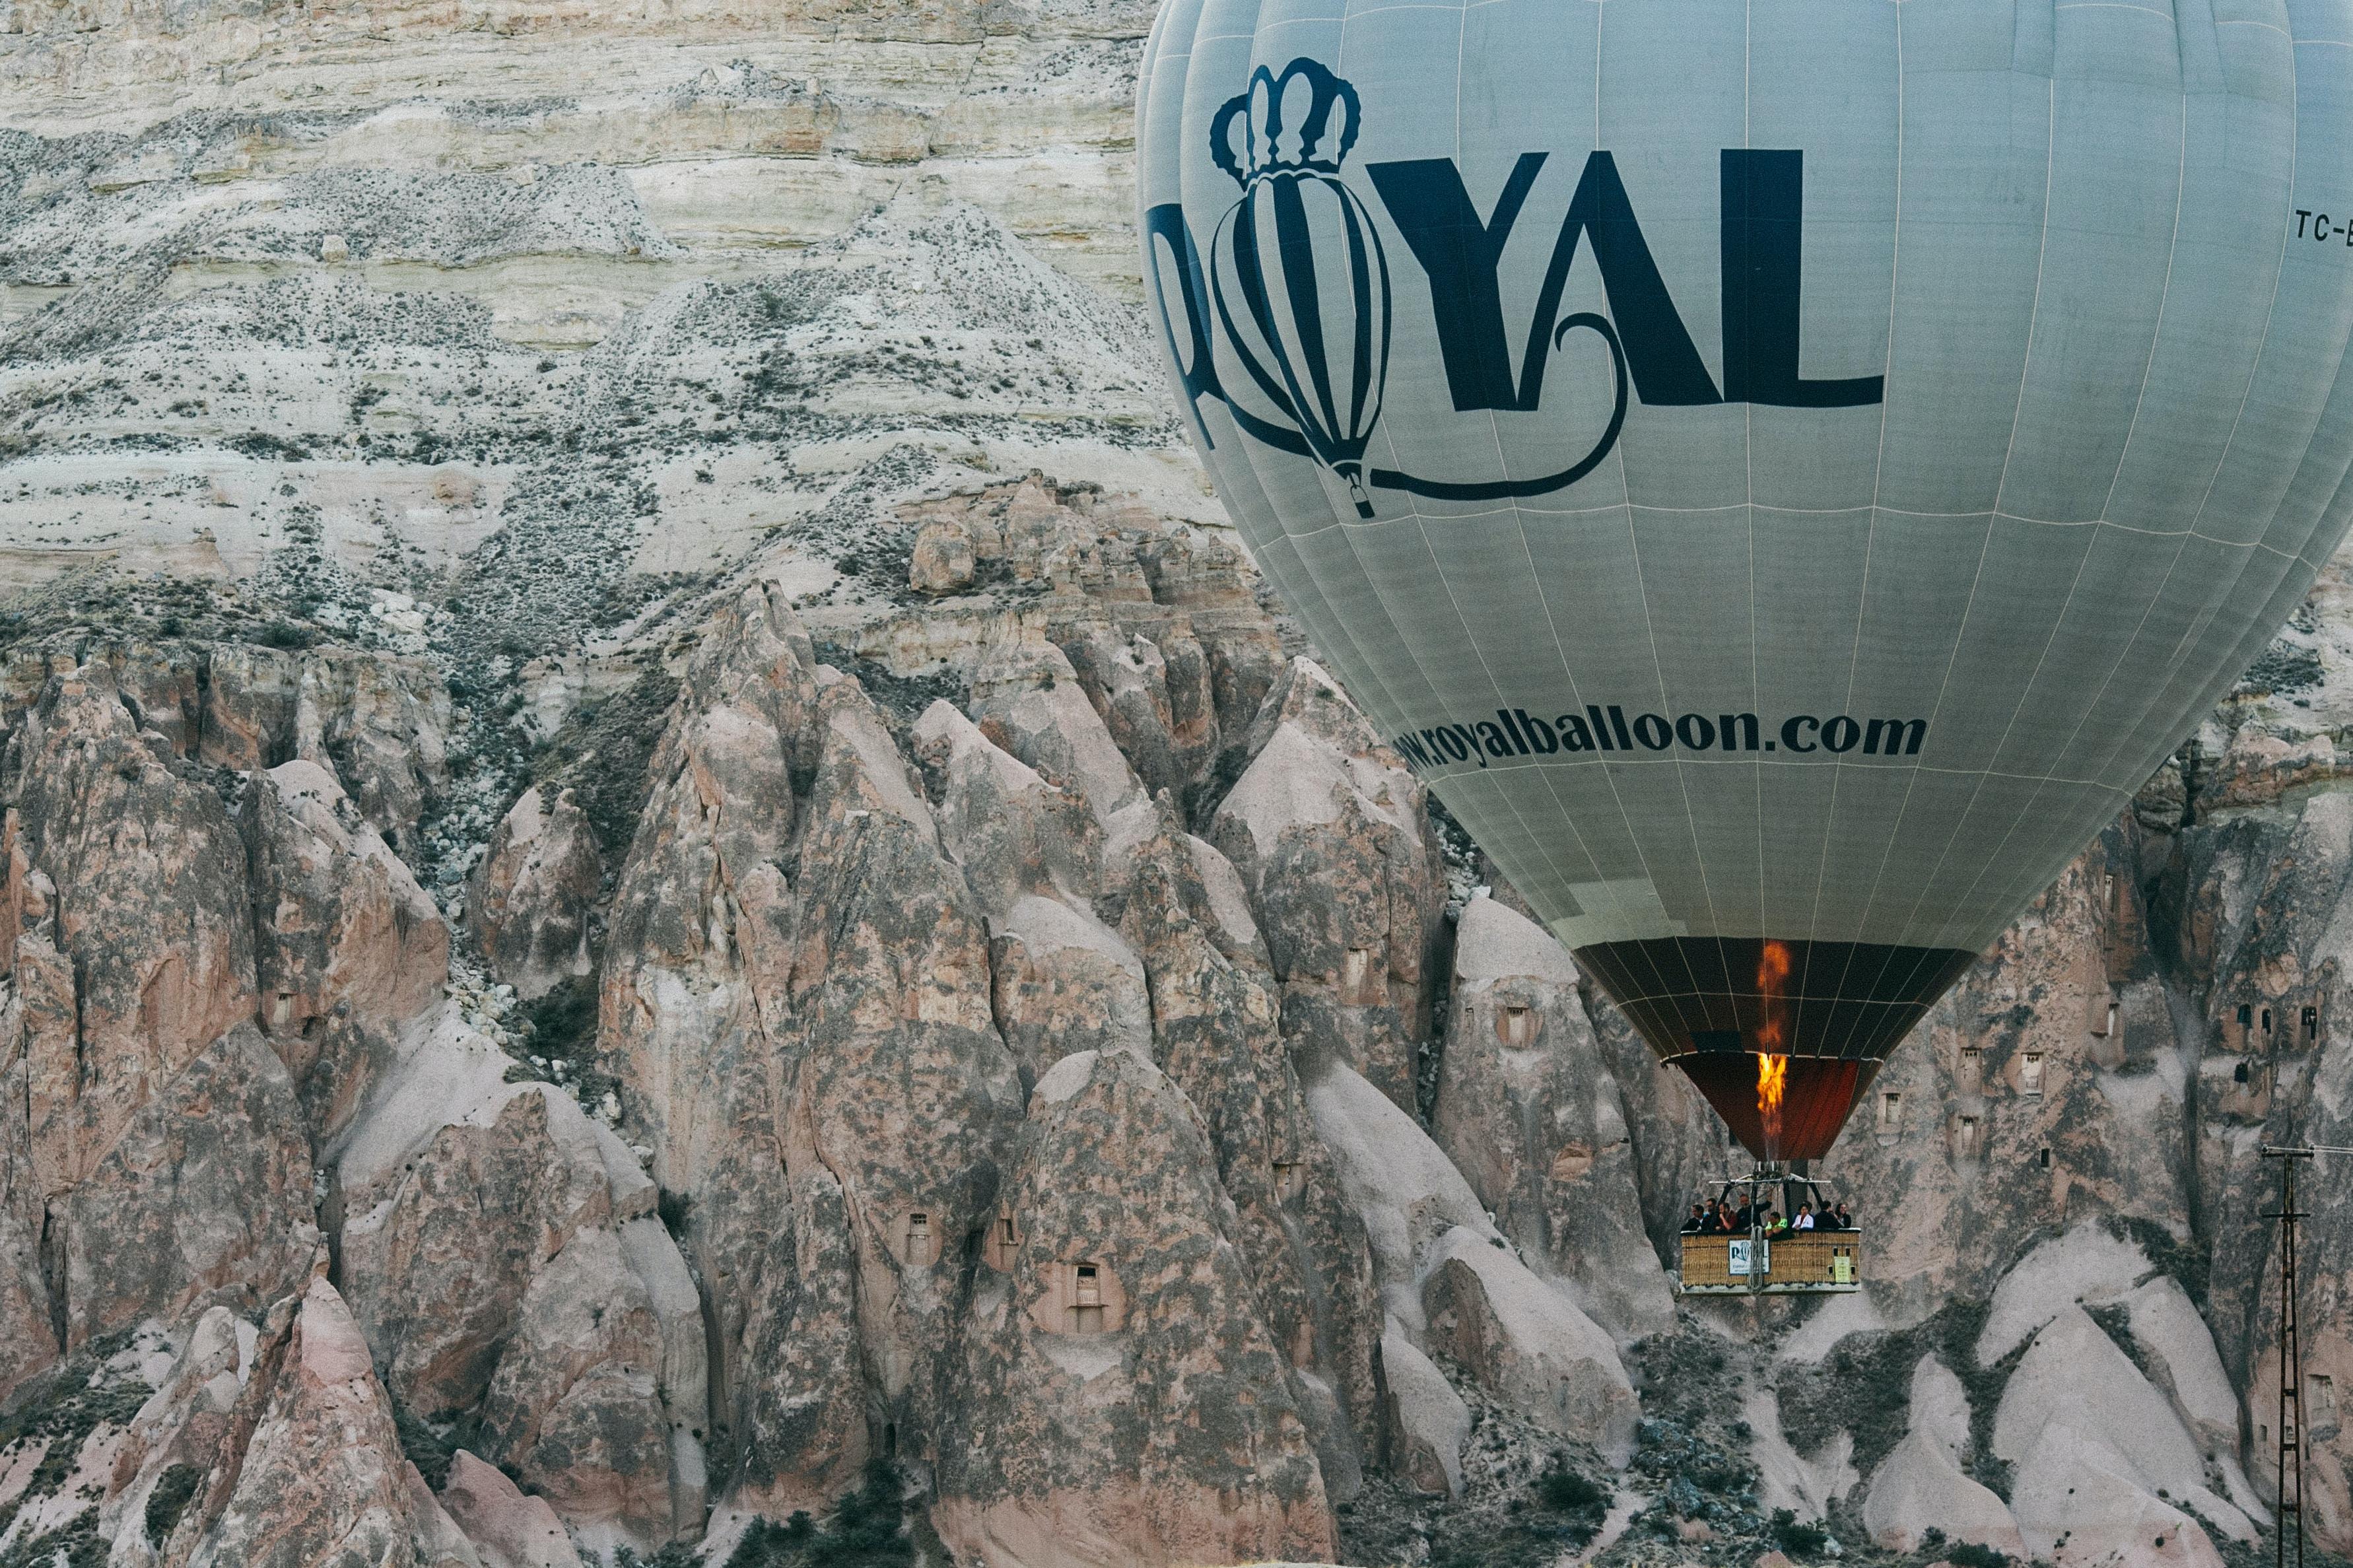 white and black Royal hot air balloon near mountain